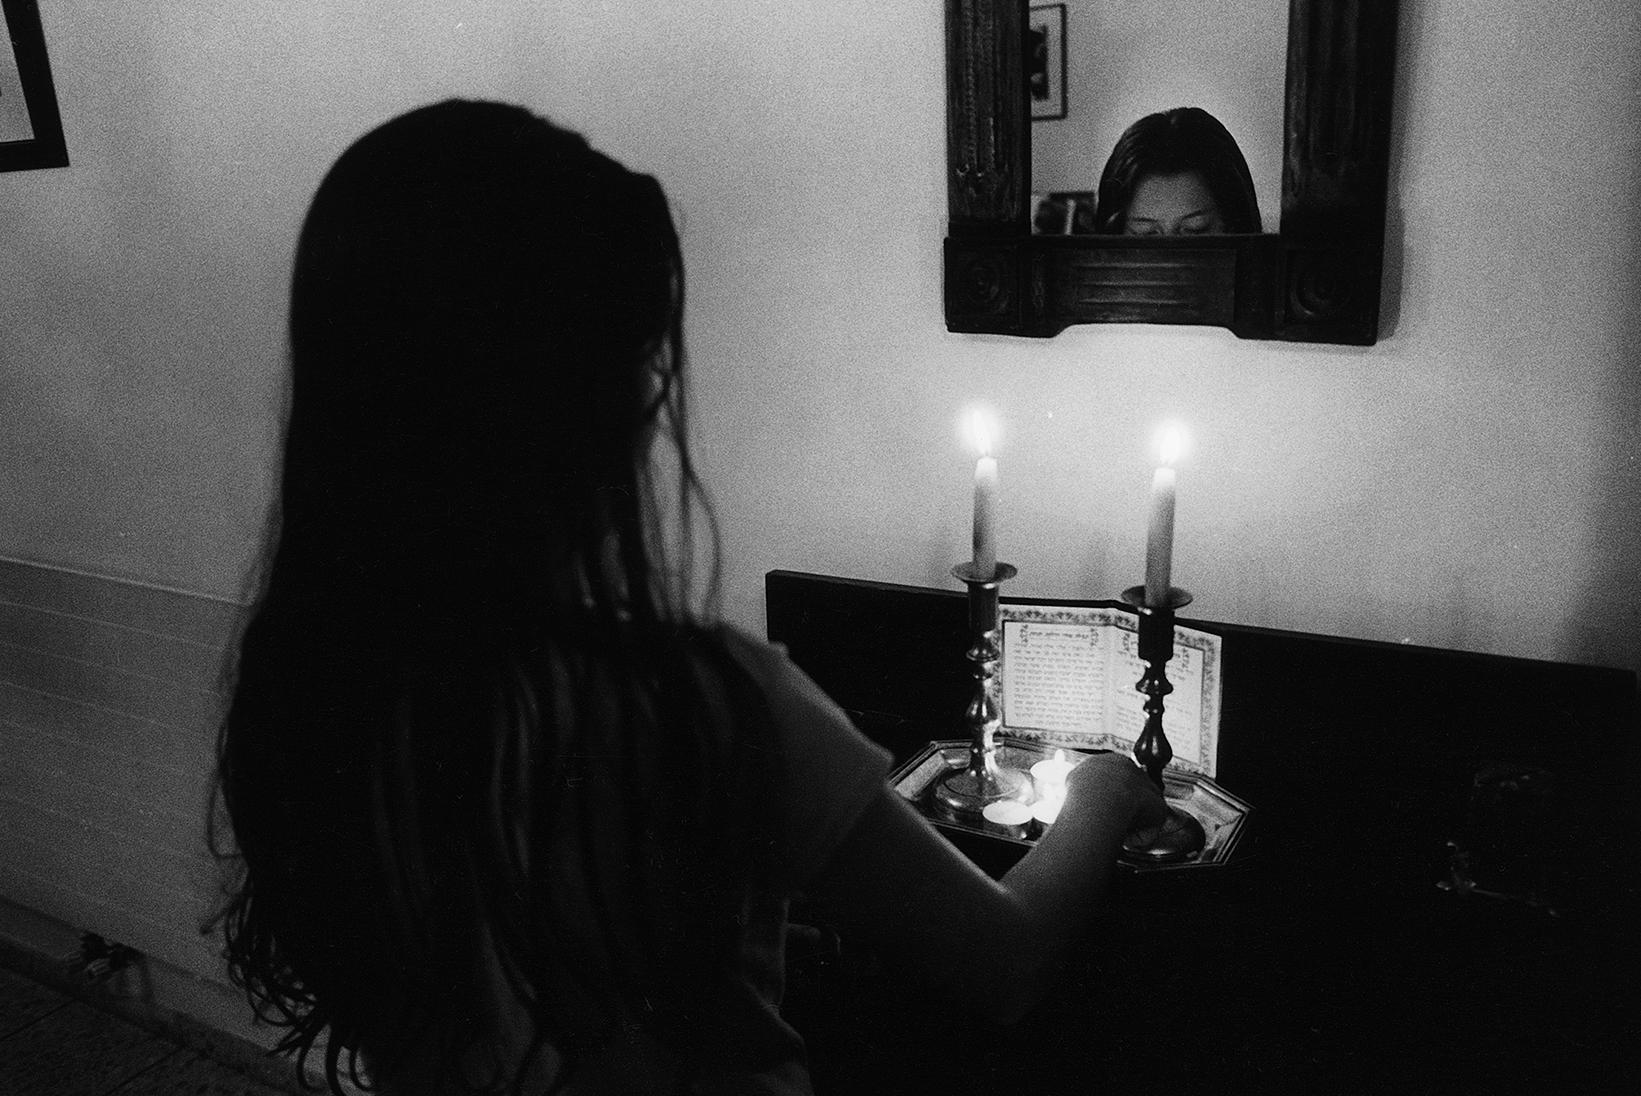 376 - De Swaan - Praying